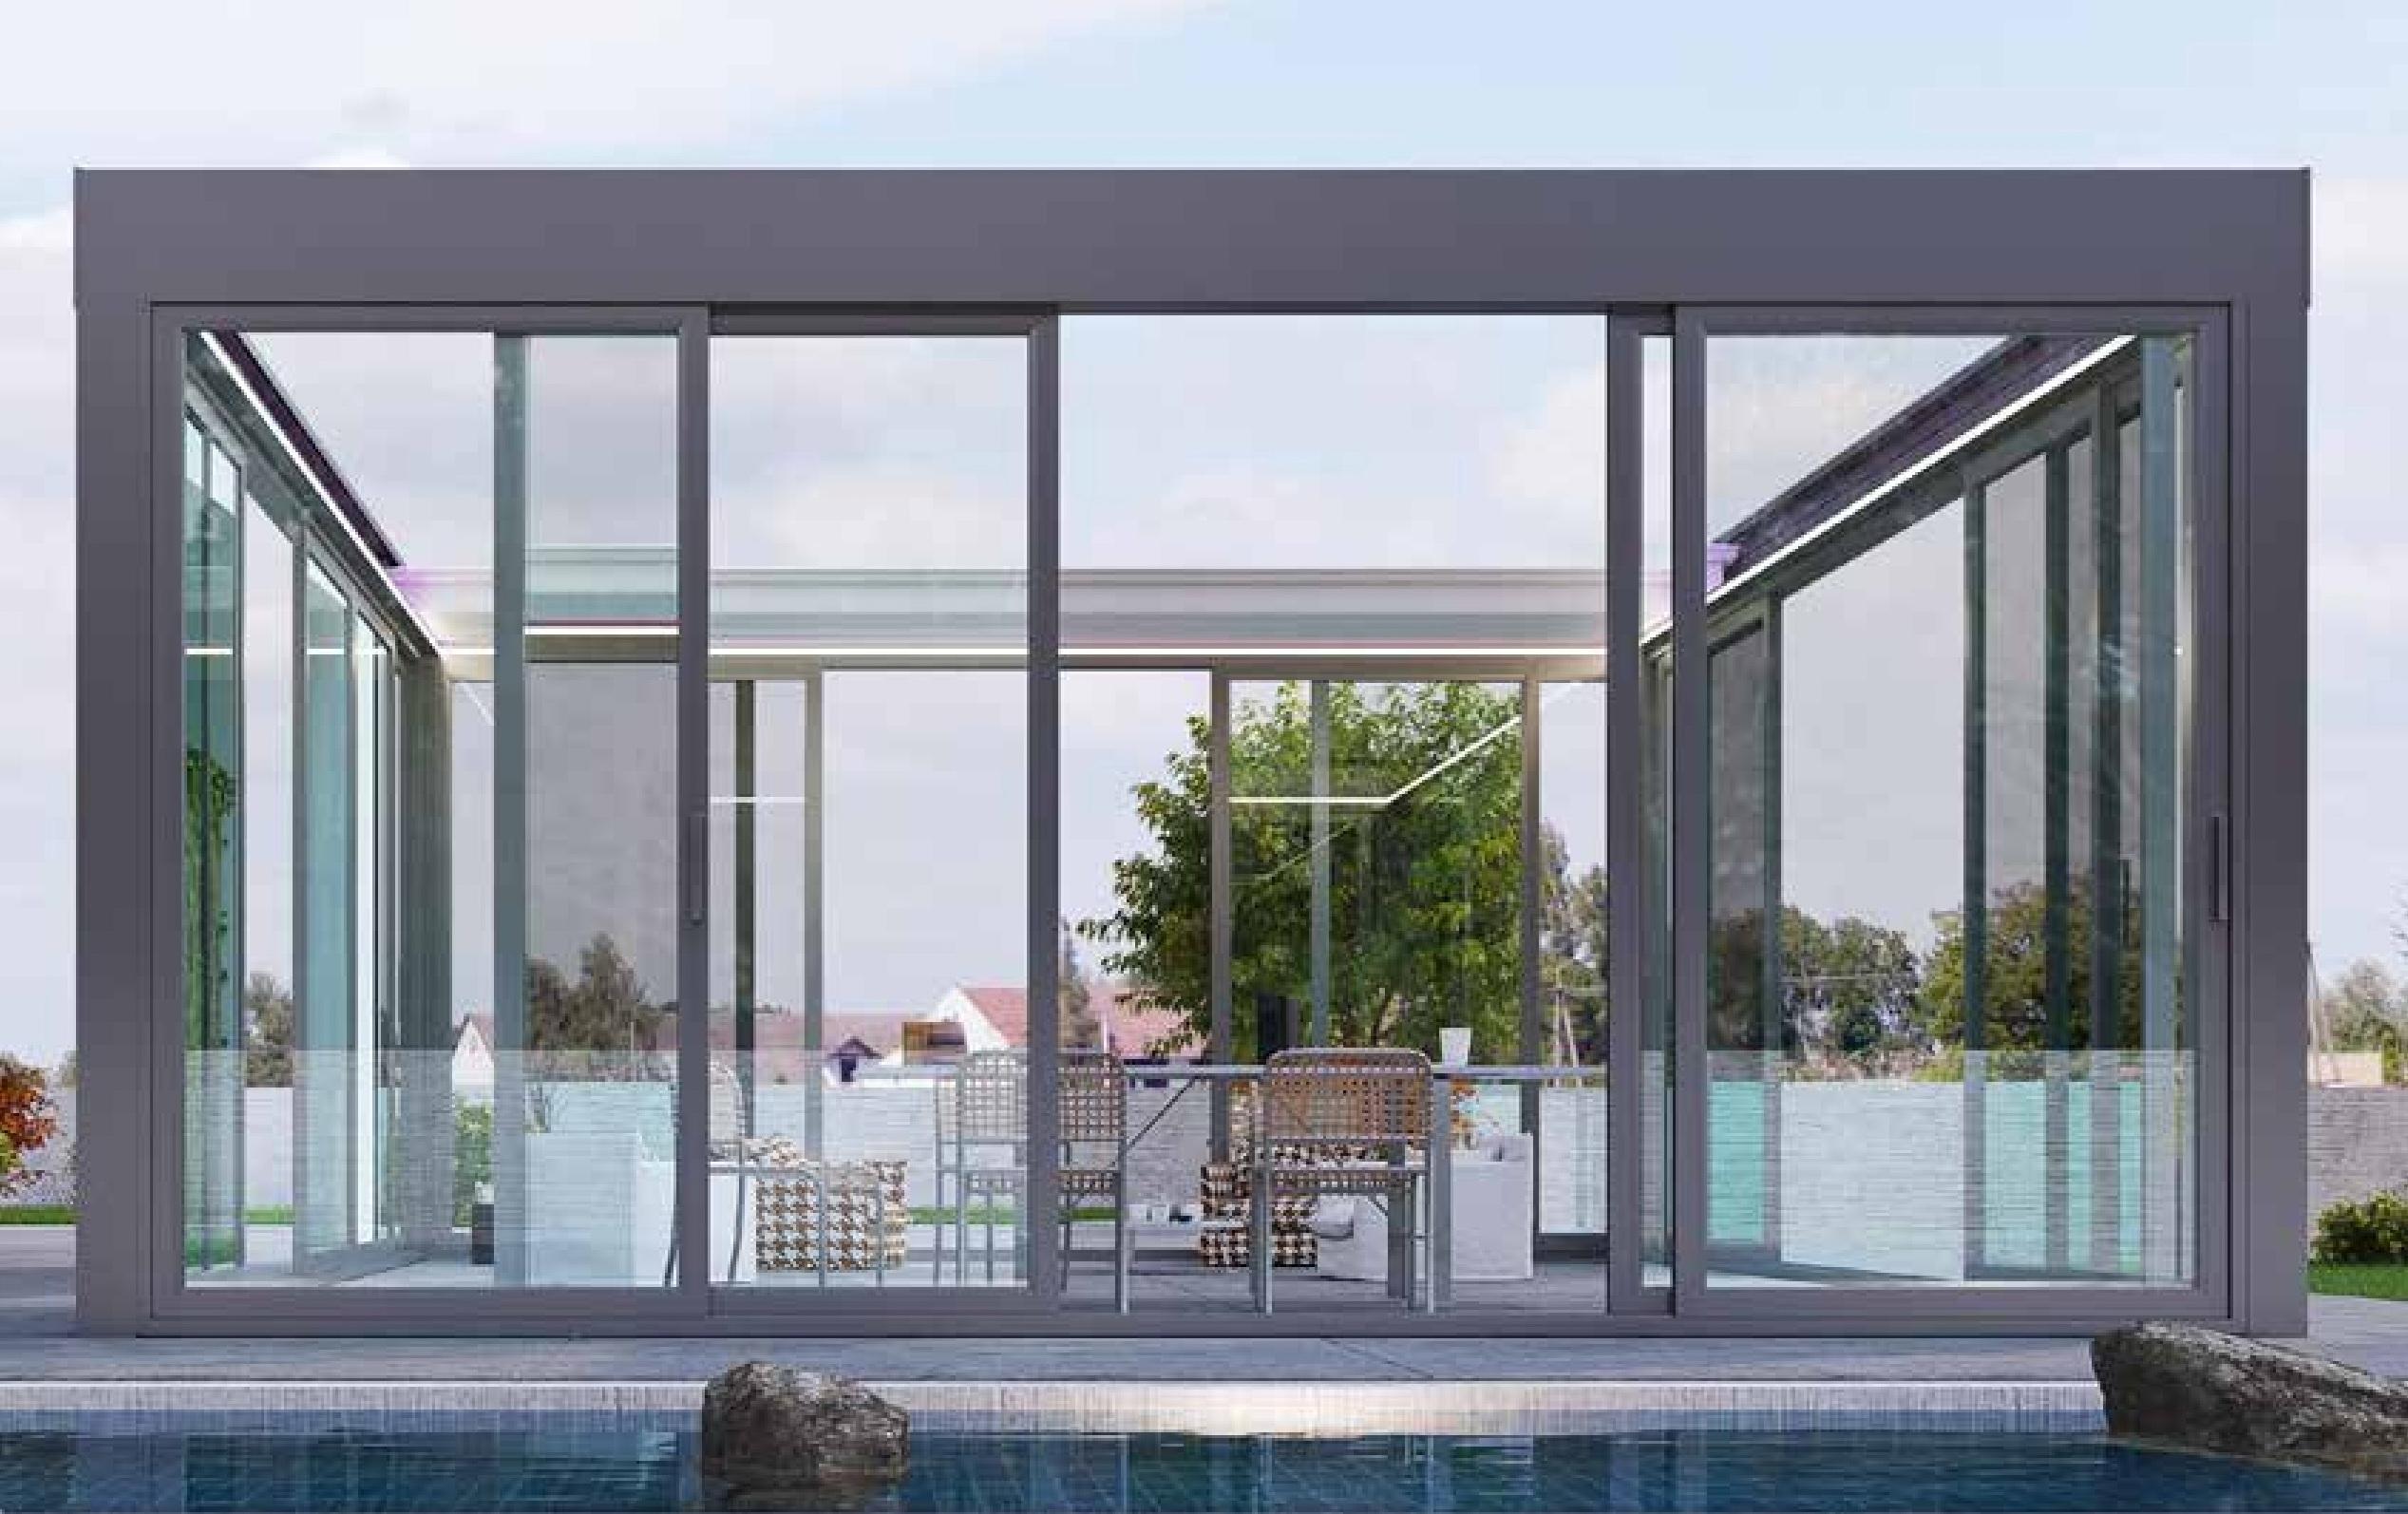 Pergole Retractabile De Lux Moderne, Ca Accesorii Pentru Terase Moderne!